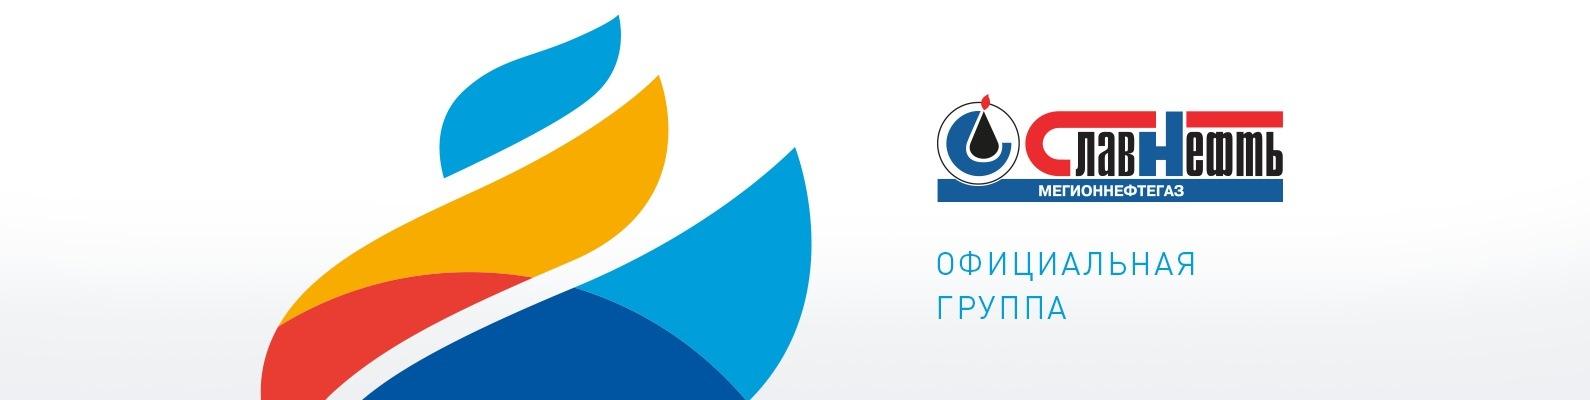 Нефтегазовая компания славнефть официальный сайт крымская страховая медицинская компания симферополь официальный сайт